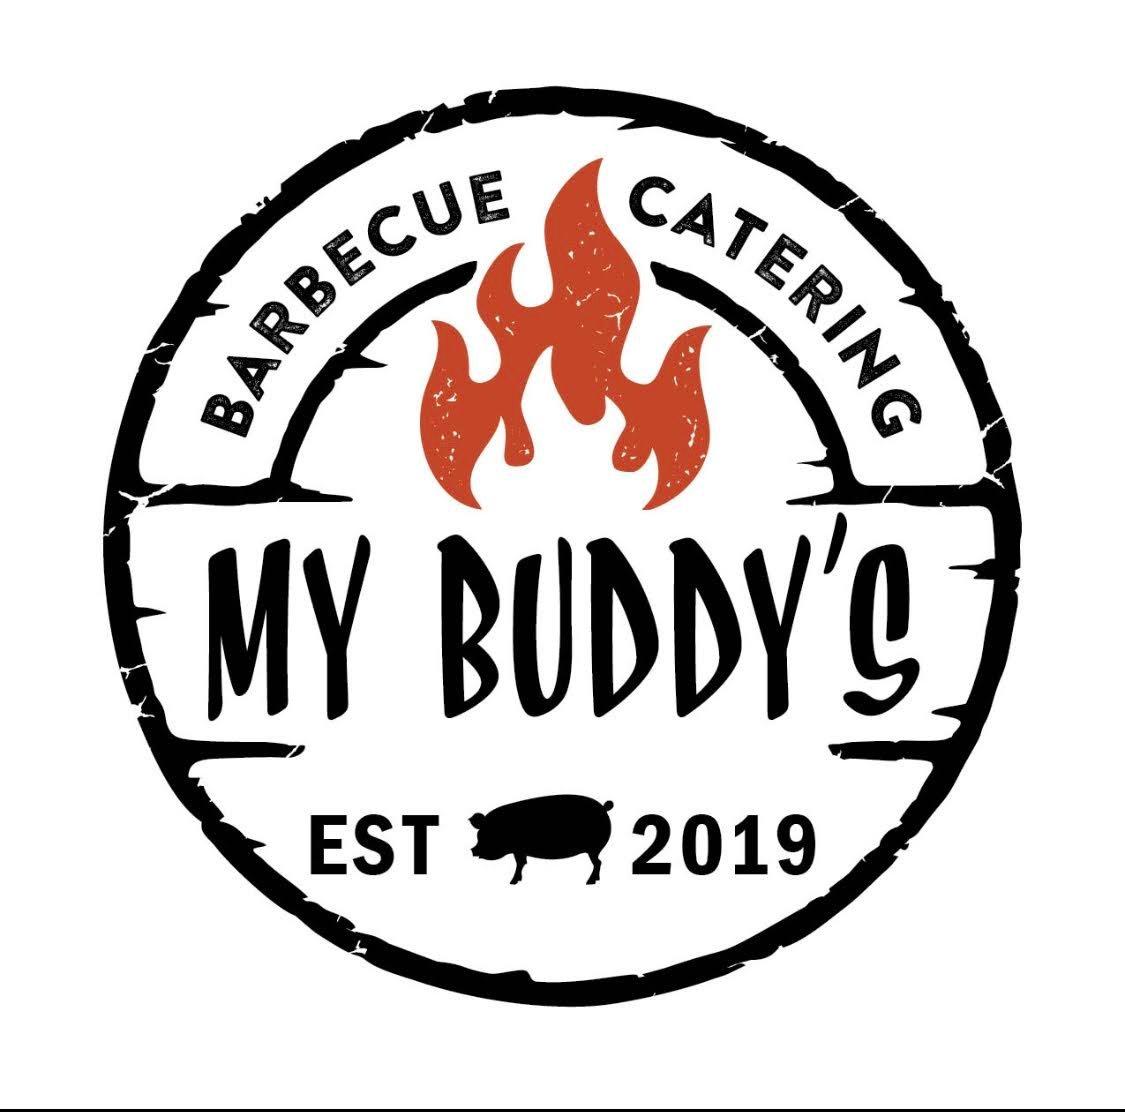 My Buddys BBQ